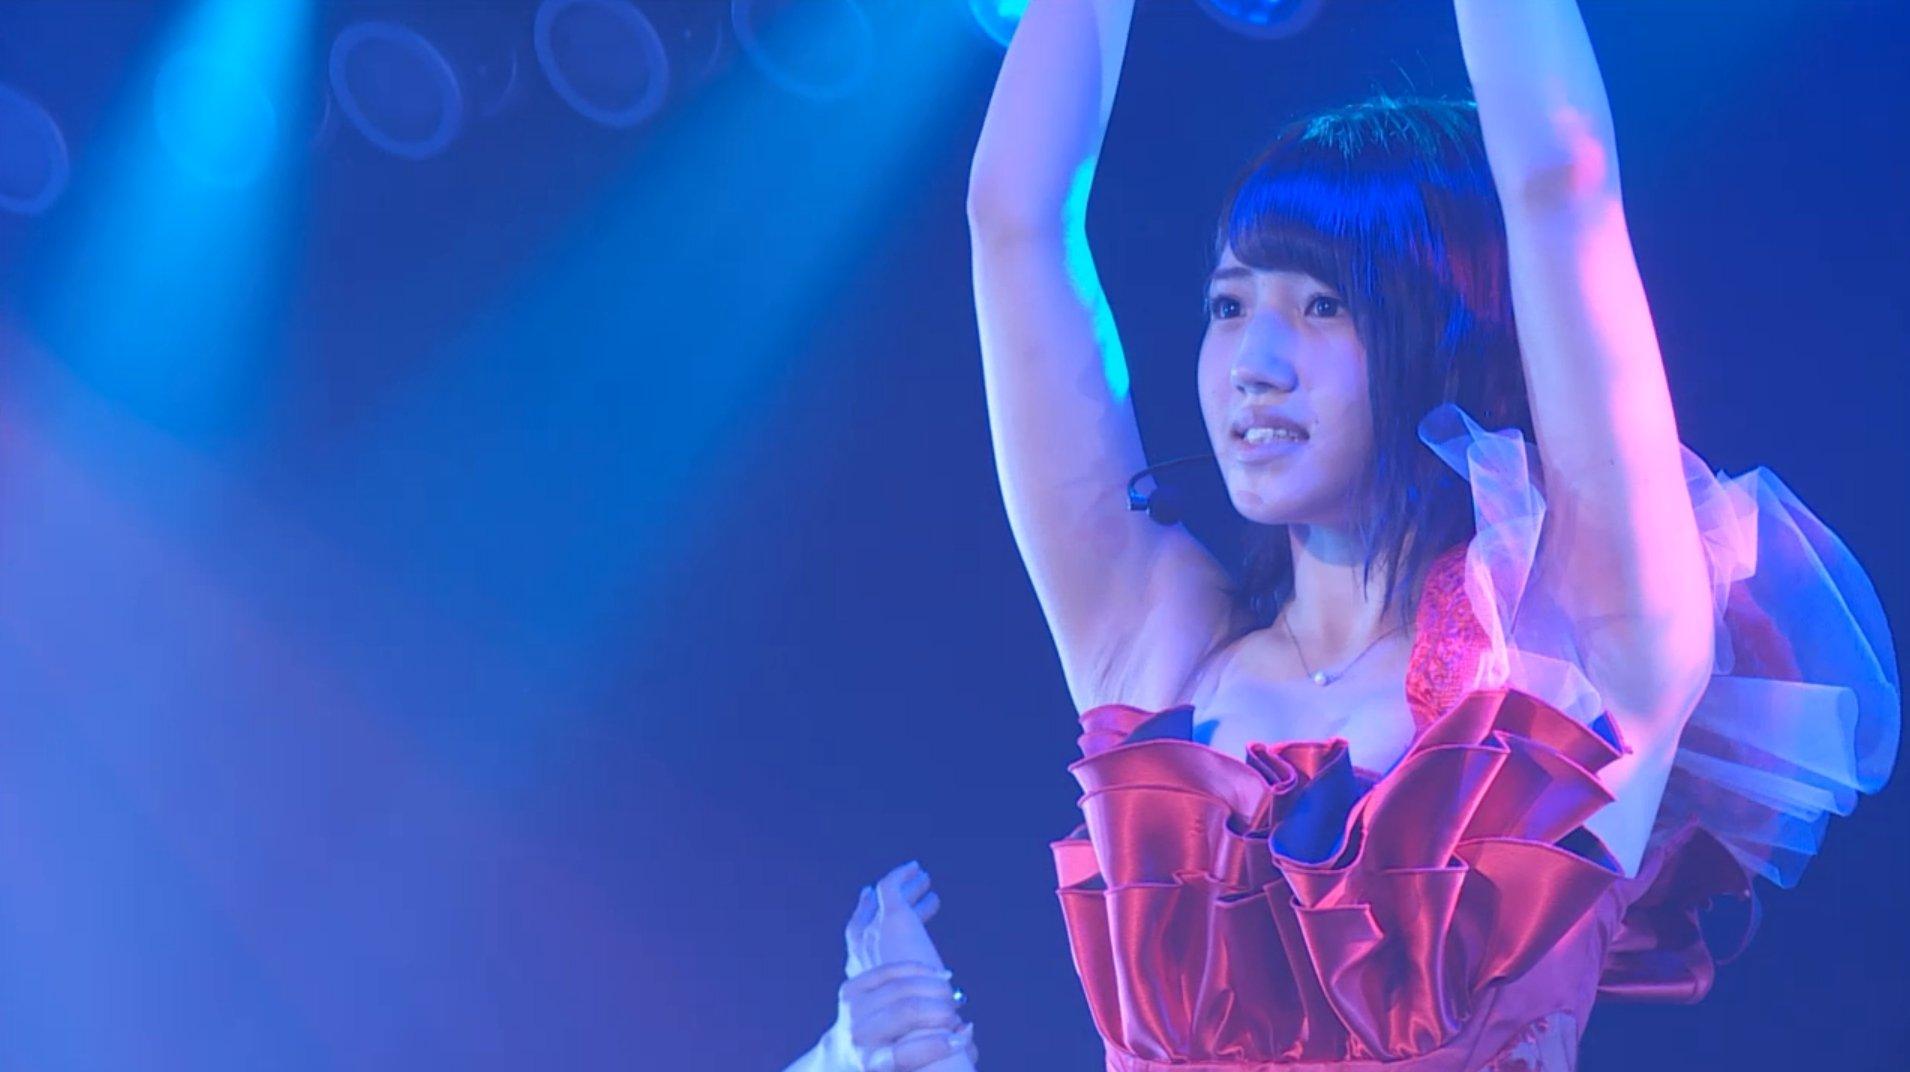 デコルテ丸出し衣装を着て両腕を上げたAKB48メンバーのワキ